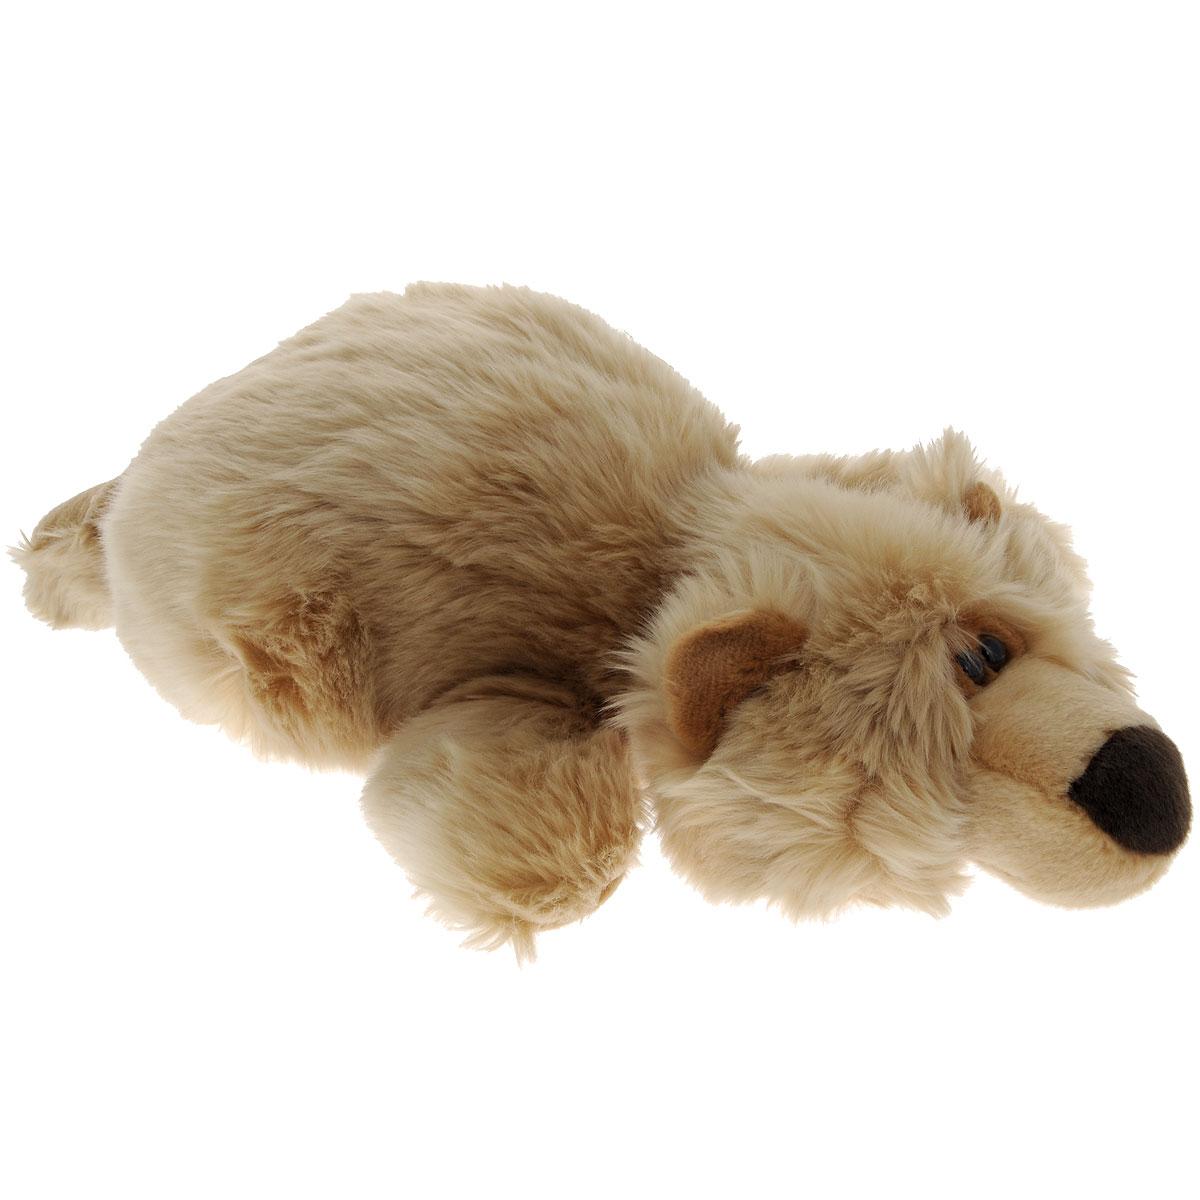 Мягкая игрушка Gulliver Мишка лежачий, 40 см18-3304Мягкая игрушка Gulliver Мишка лежачий изготовлена из приятного на ощупь искусственного меха и набита легким синтепоном. Мягкие игрушки Gulliver действуют позитивно на растущий детский организм, обучая ласке и доброте, улучшают настроение ребенка, развивают тактильную чувствительность, стимулируют зрительное восприятие, хватательные рефлексы и моторику рук. Как материал, так и набивка, с использованием которых изготовлены мягкие игрушки, высокого качества и безопасны для детей. Продукция сертифицирована, экологически безопасна для ребенка, использованные красители не токсичны и гипоаллергенны.